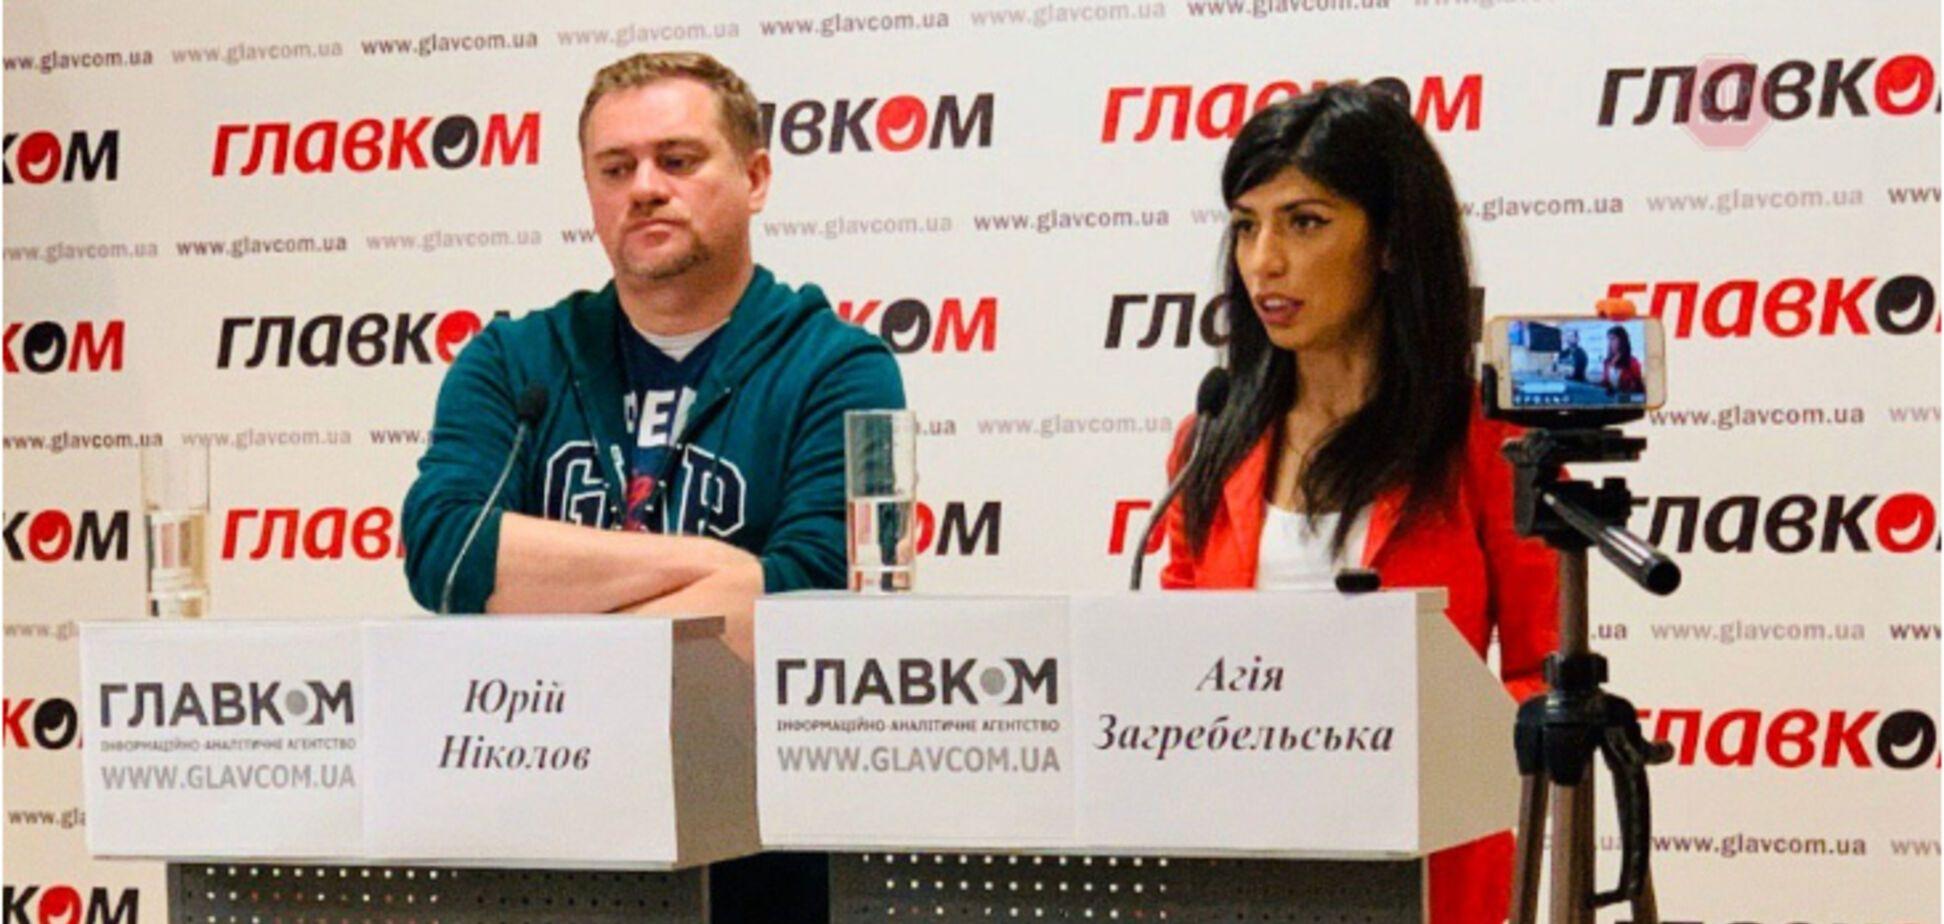 'Писали букмекери': експерт розніс законопроект про легалізацію казино